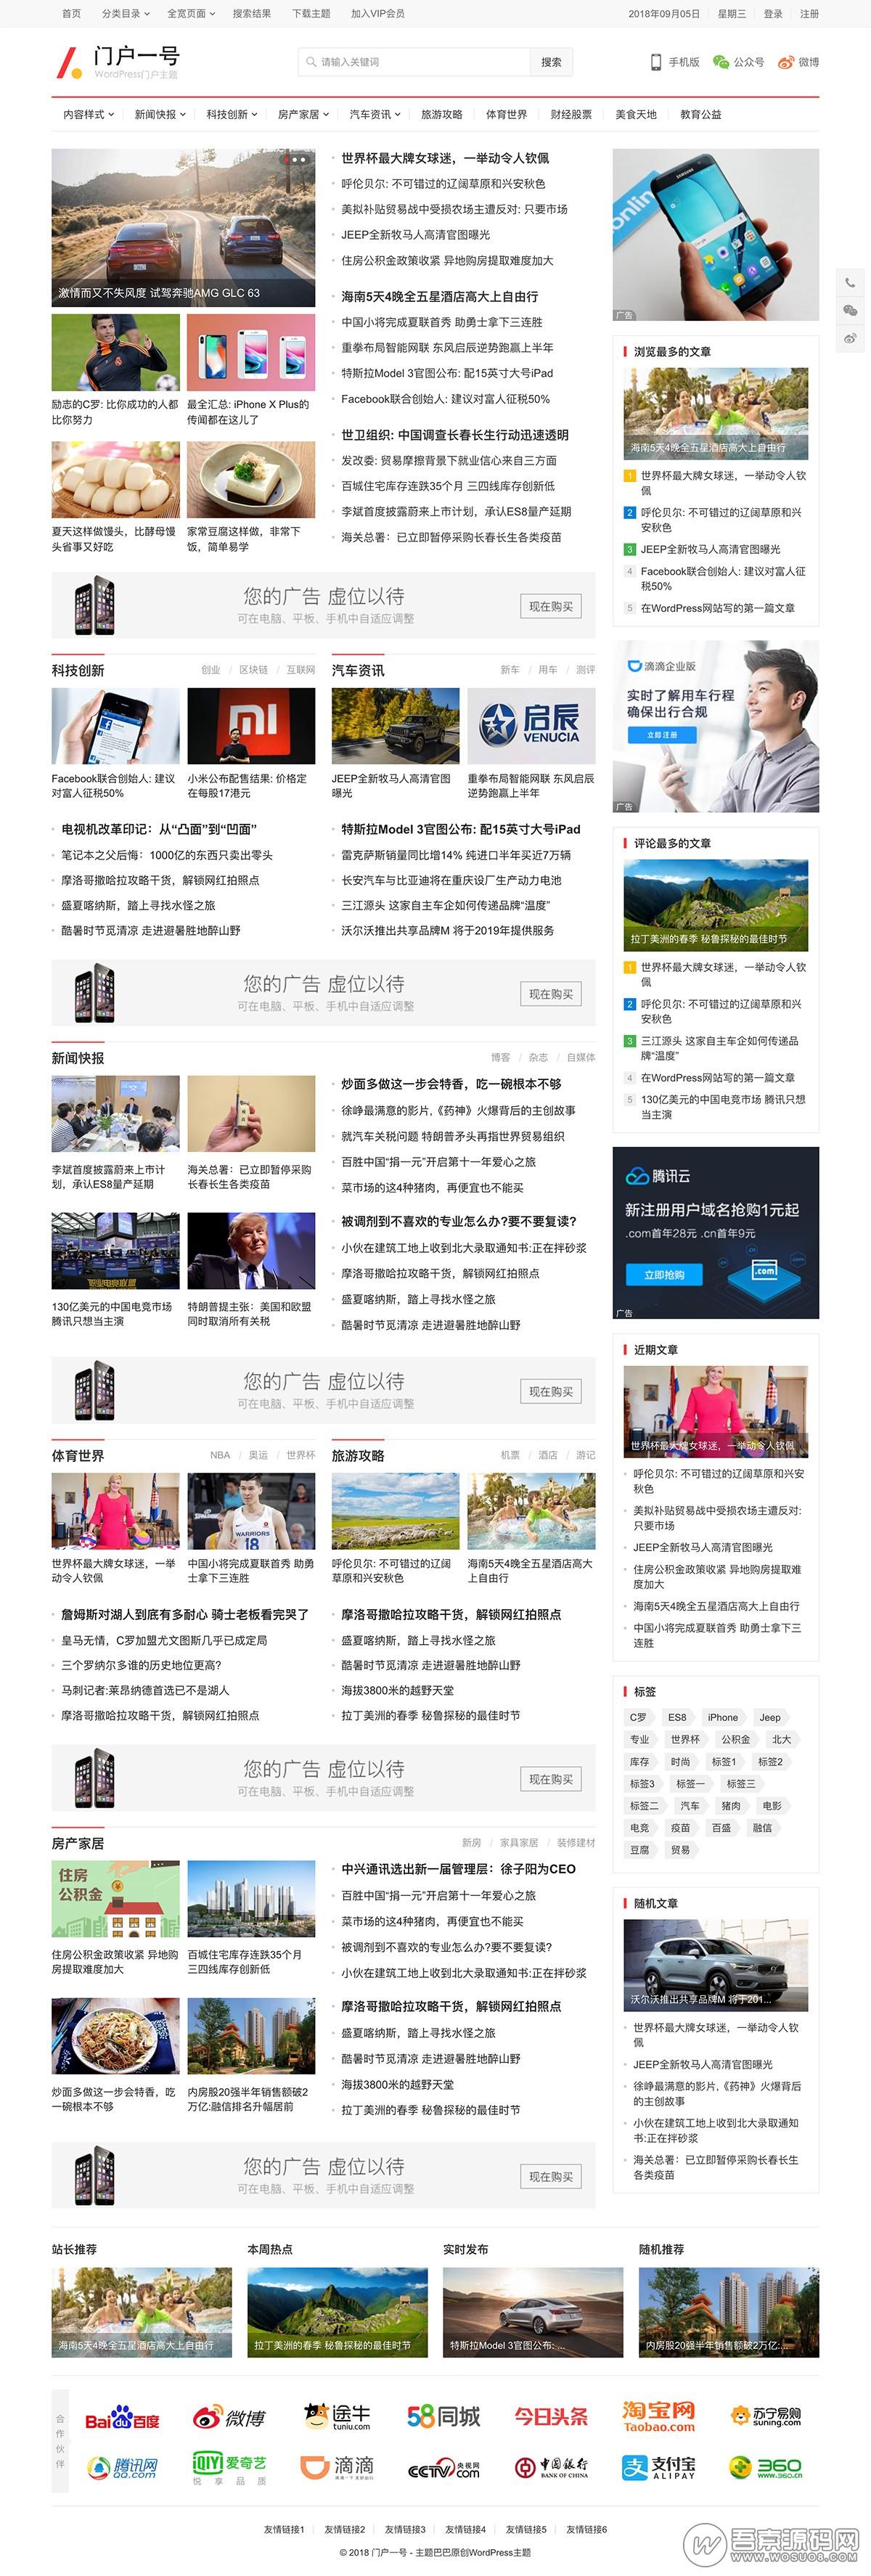 Wordpress新闻门户主题:门户一号主题 全新自适应设计 首页自由添加栏目和广告位 附强大的主题设置面板